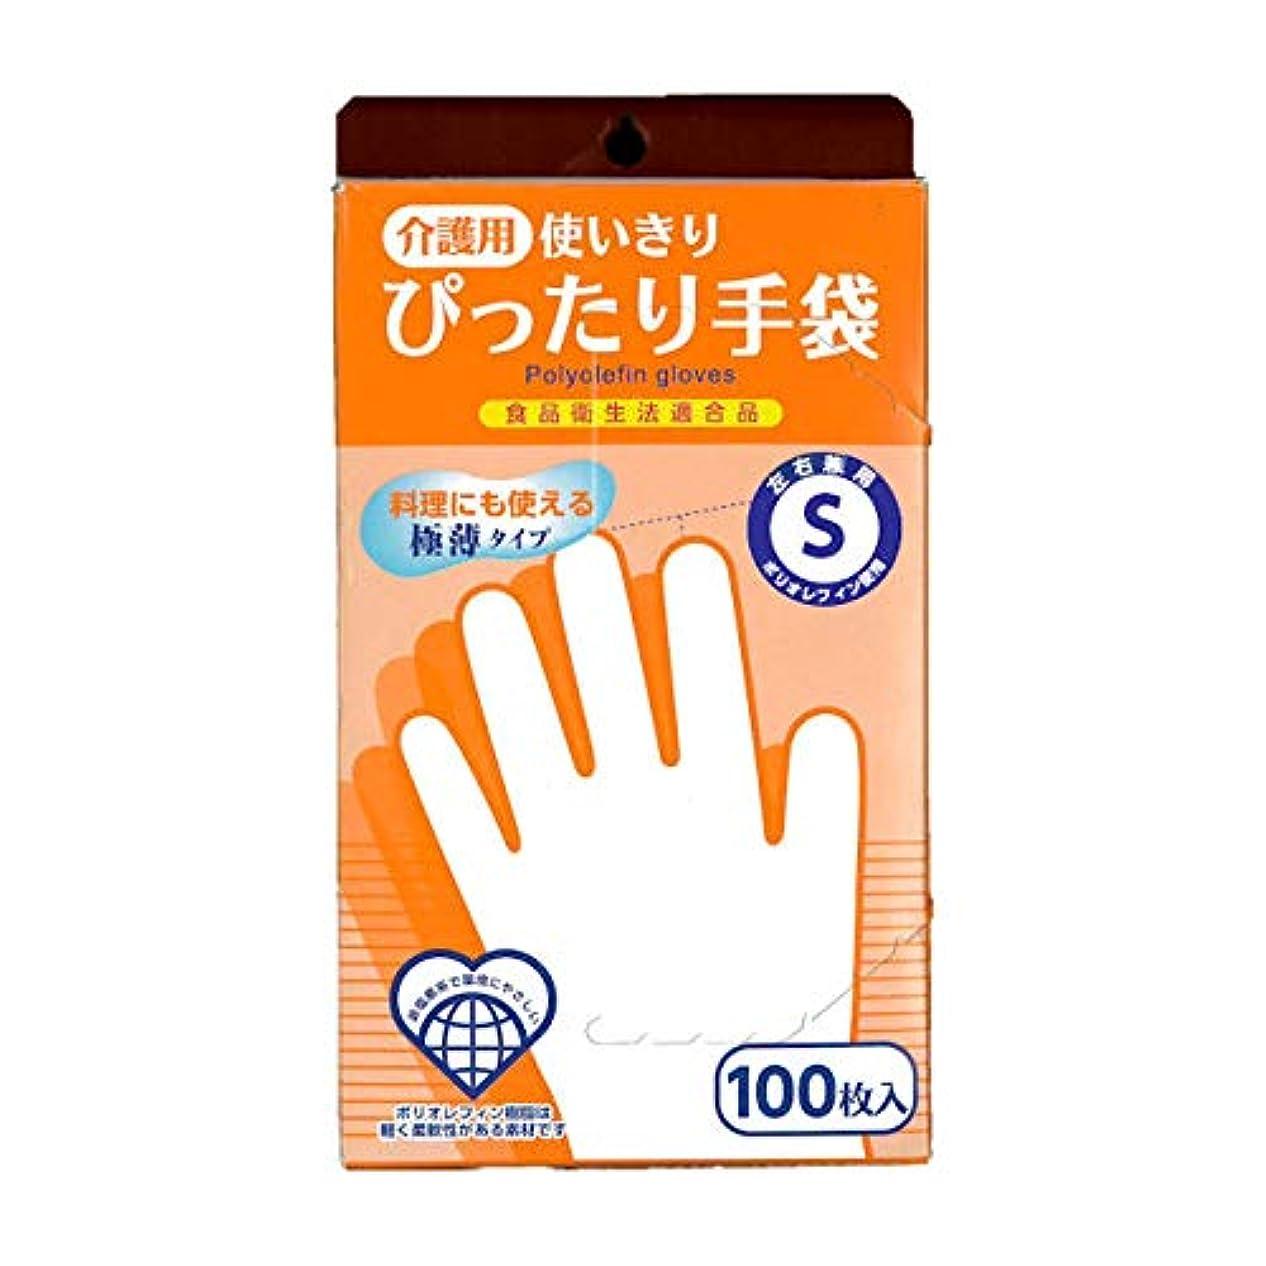 透明に経度ブラザー奥田薬品 介護用 使いきりぴったり手袋 Sサイズ 100枚